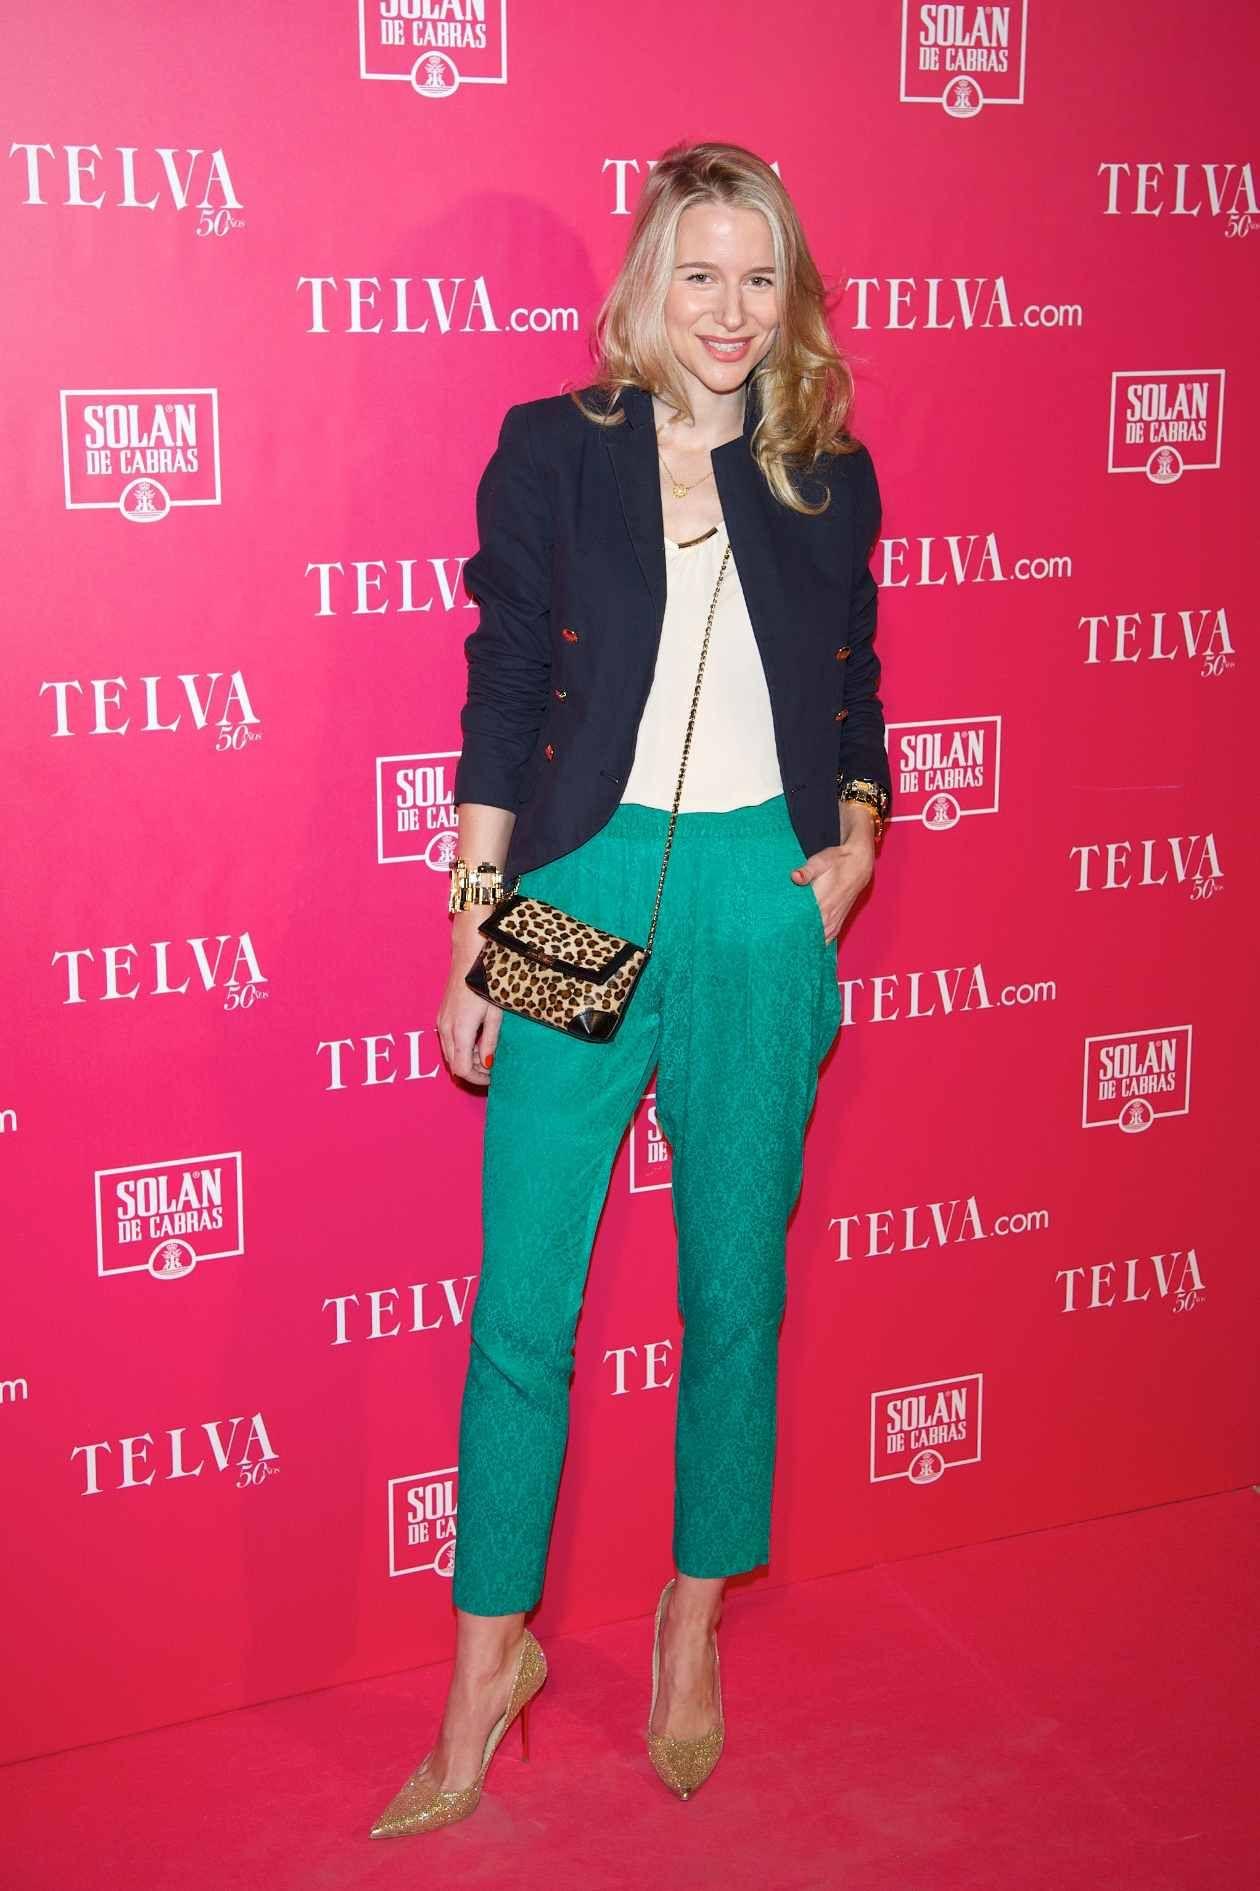 Cómo combinar un pantalón verde | Pantalones verdes, Verde y El verde